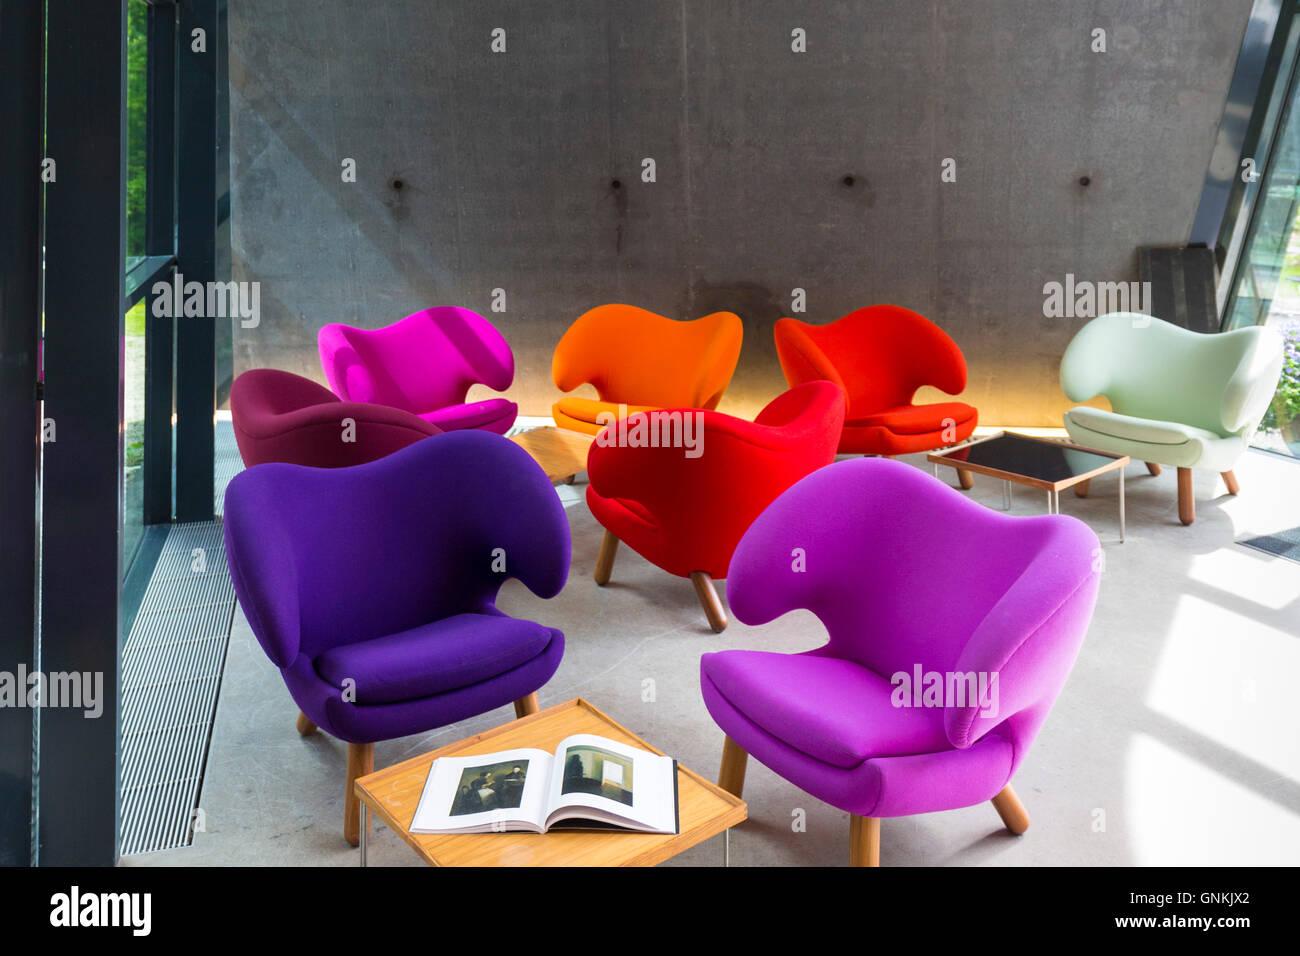 Sedie Minimalista Danese Juhl Finn Nell Dal Designer Pellicano 5q3AjL4R